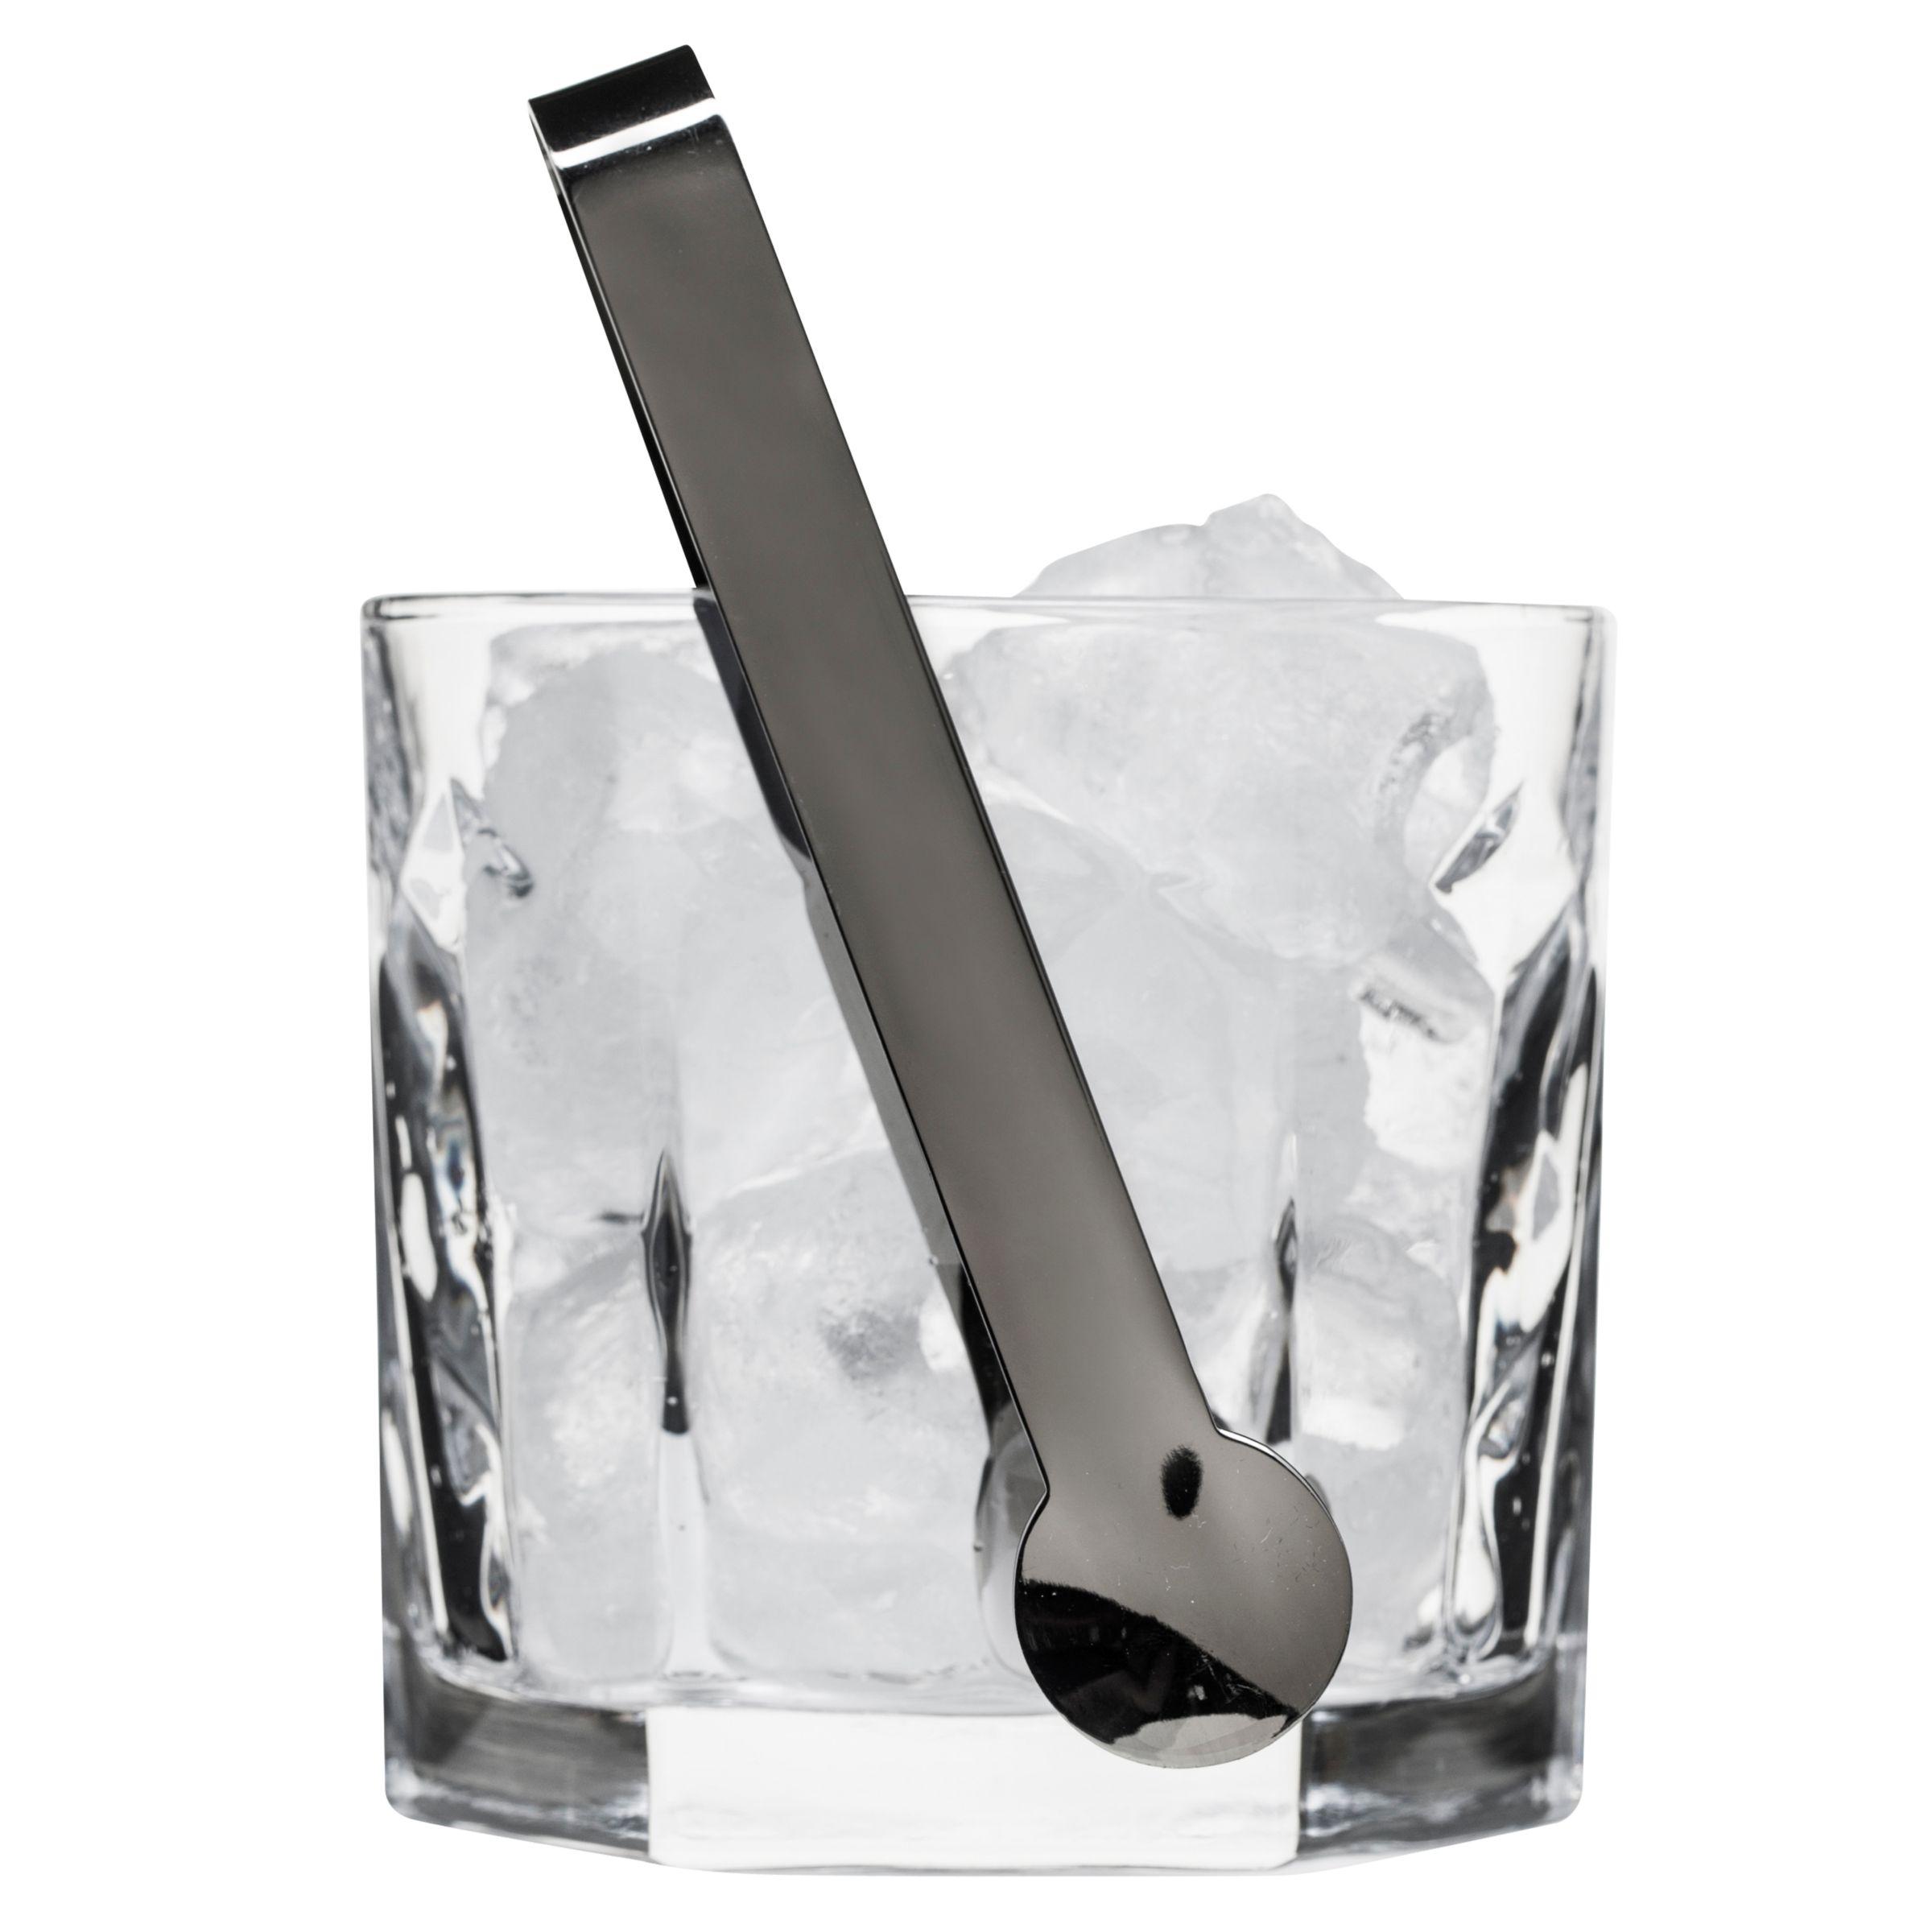 Sagaform Sagaform Ice Bucket and Tong